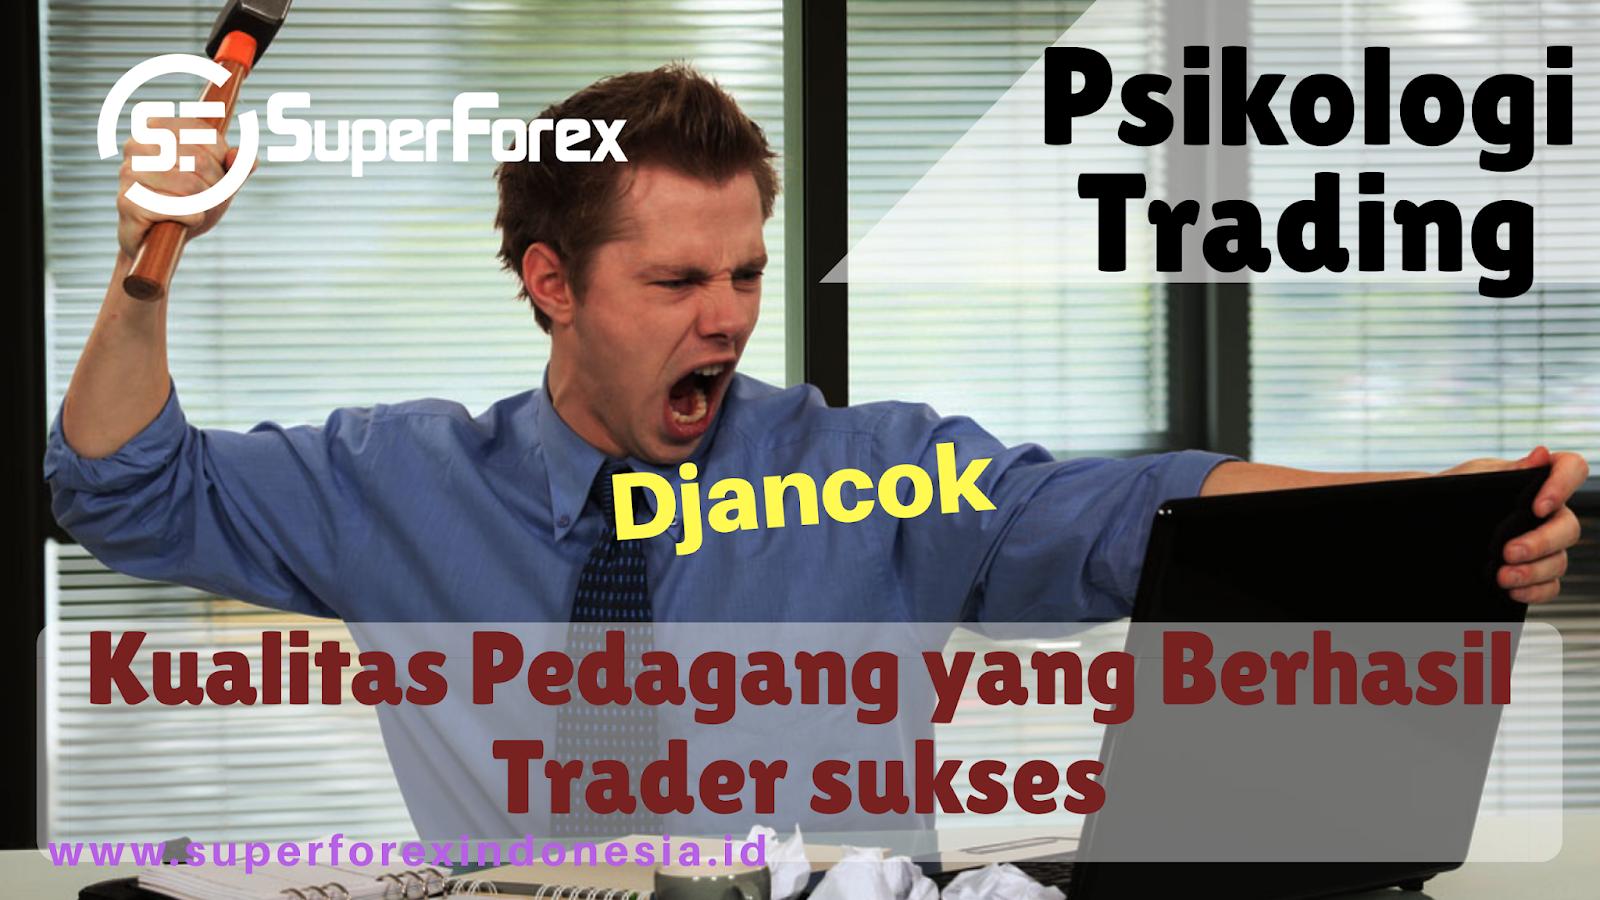 Kualitas Pedagang yang Berhasil - Trader sukses